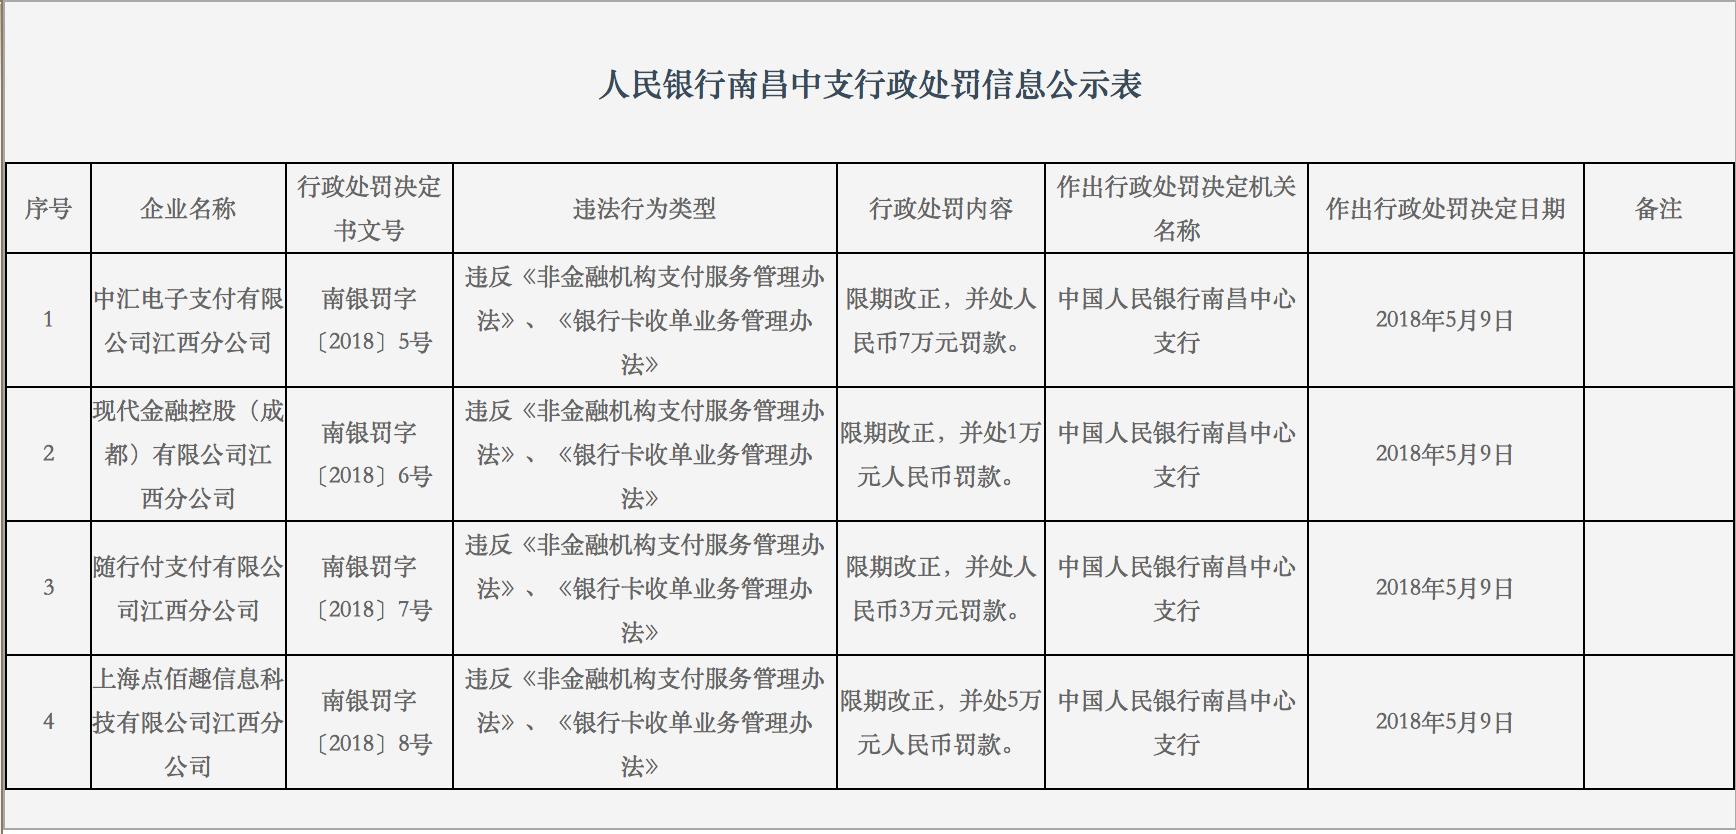 央行再开支付罚单,中汇电子江西分公司等被要求限期整改